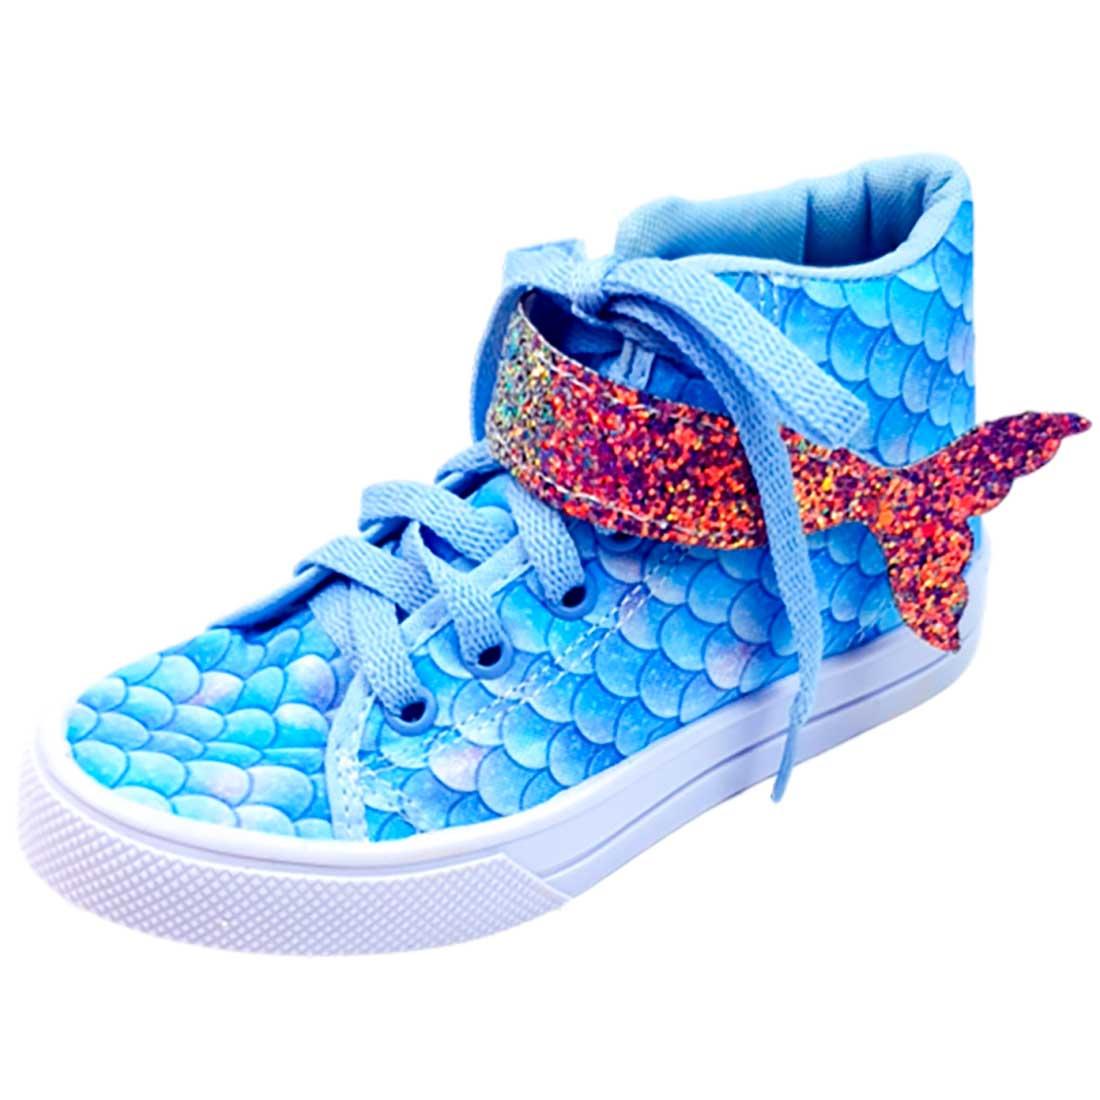 Tênis Kids Cano Alto Sereia com Glitter - Azul